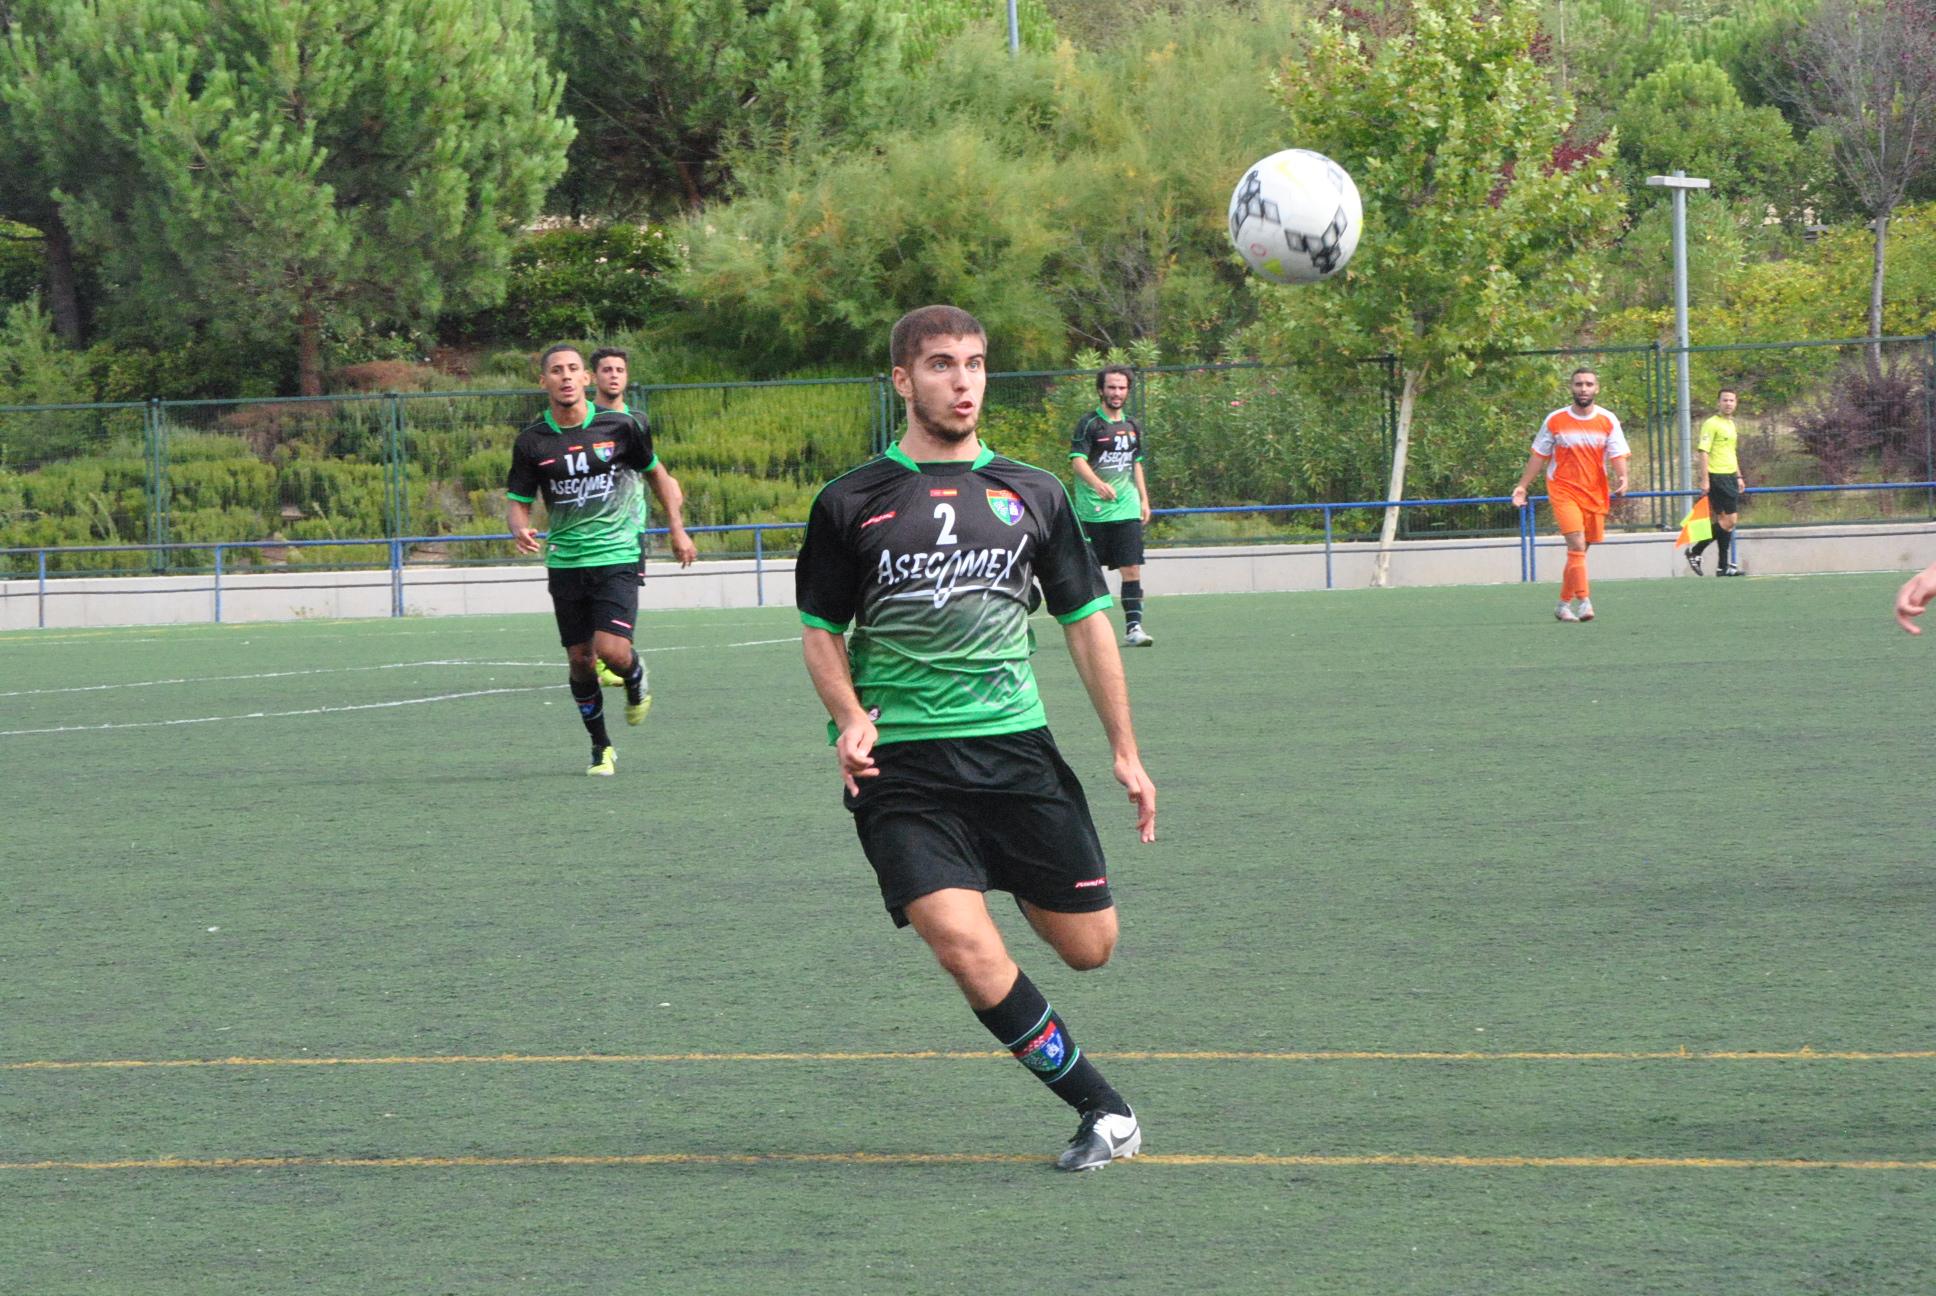 Crónica del partido de liga EDM Primer Equipo 2 – 2 Siete Picos Colmenar, publicadas en Elgoldemadriz y Futmadrid